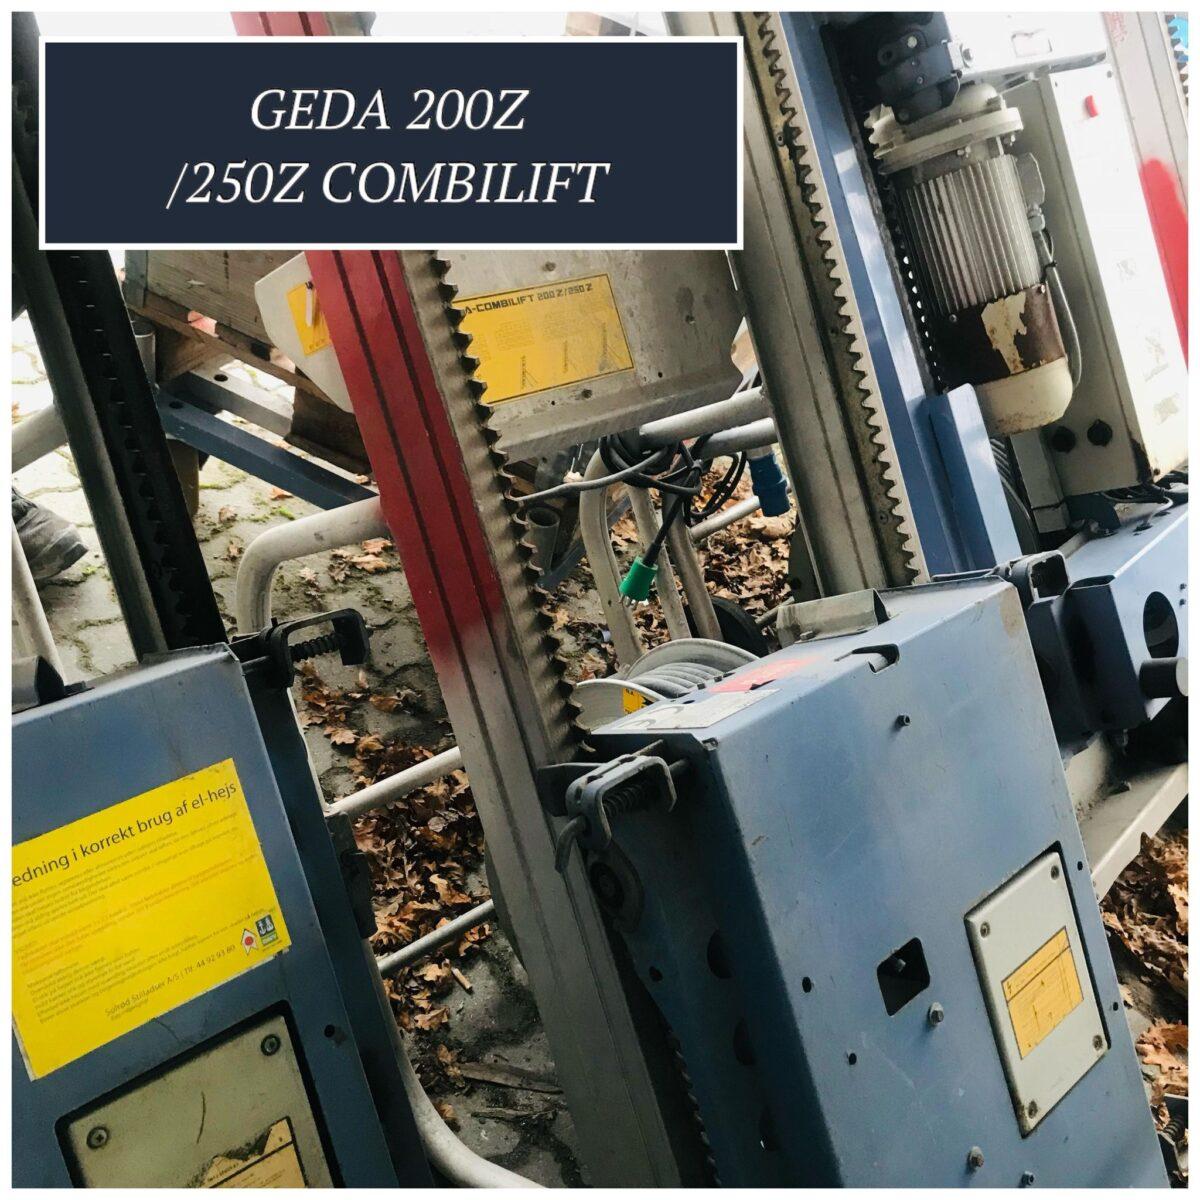 Materialeelevator - GEDA 200 Z combilift - hejs til transport af materialer